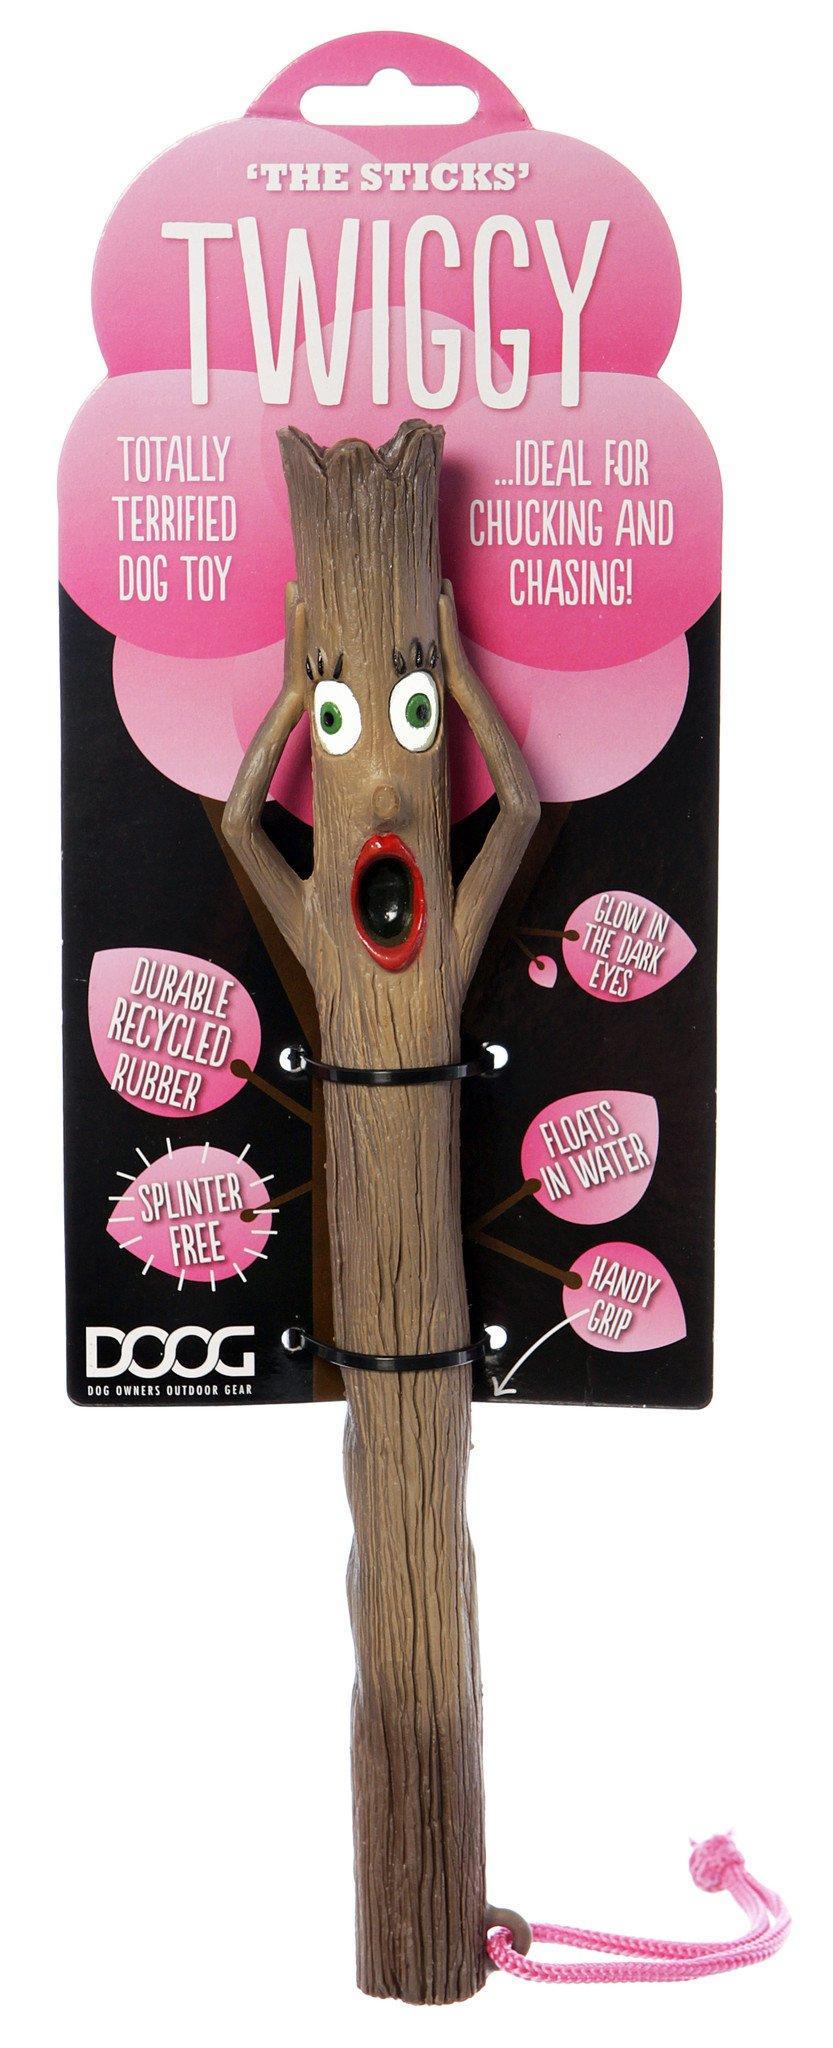 DOOG The Sticks Family Twiggy Dog Toy